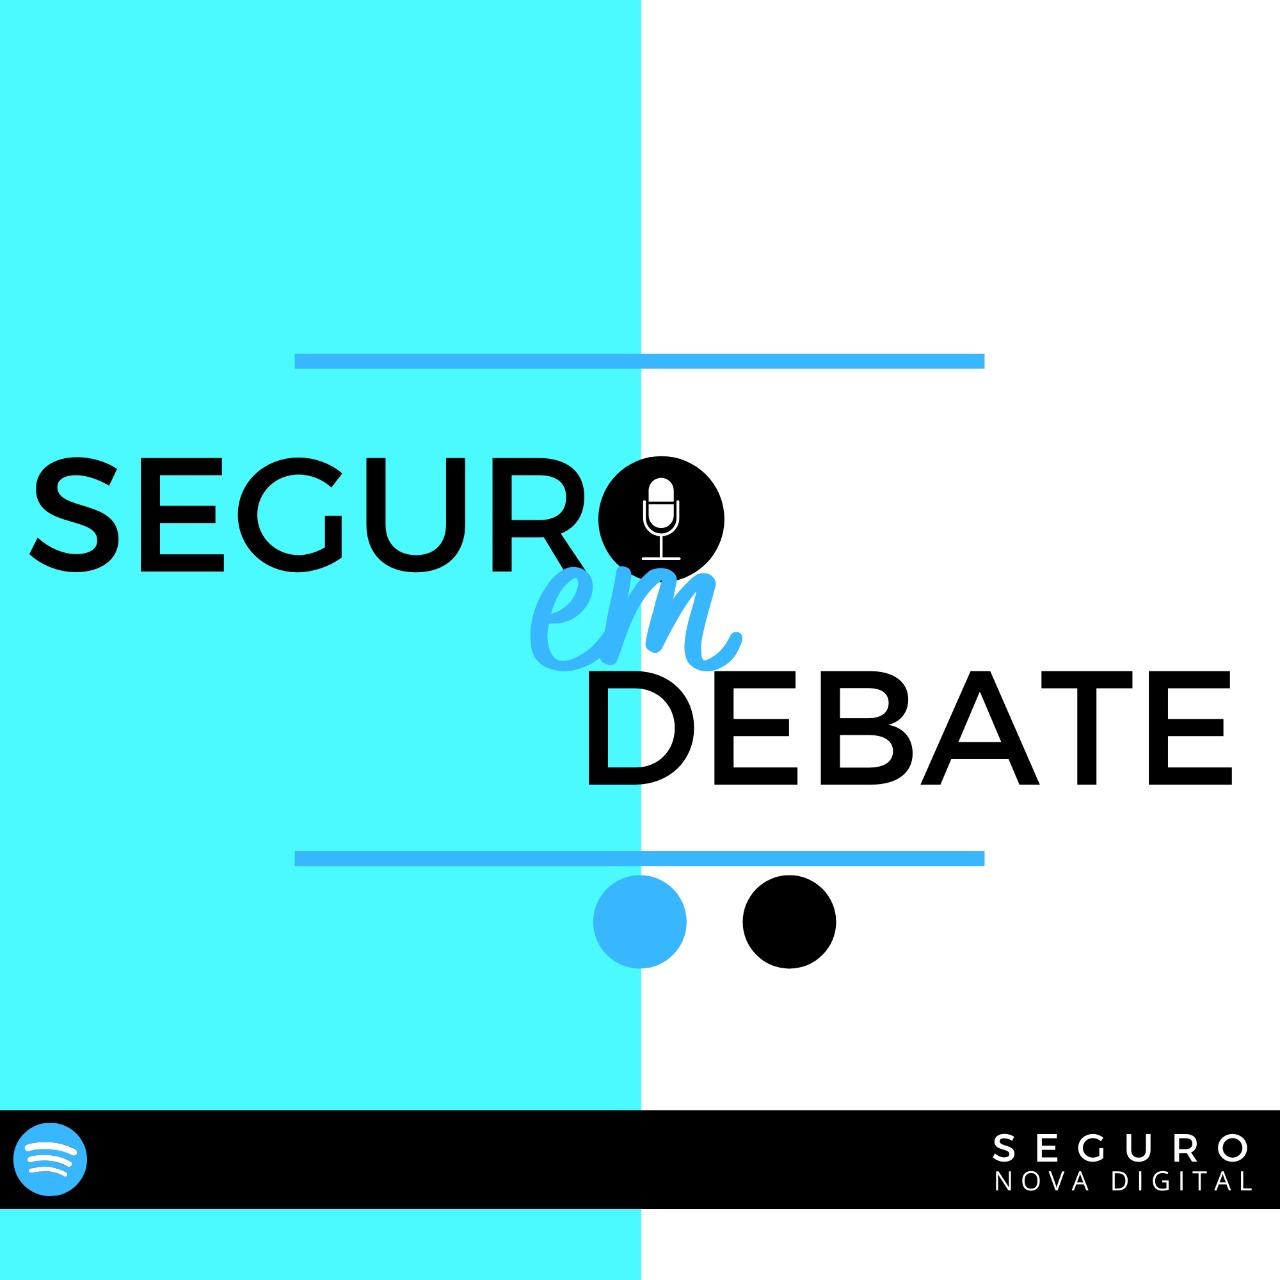 Adaptação das corretoras na pandemia é o tema de estreia do podcast da Seguro Nova Digital